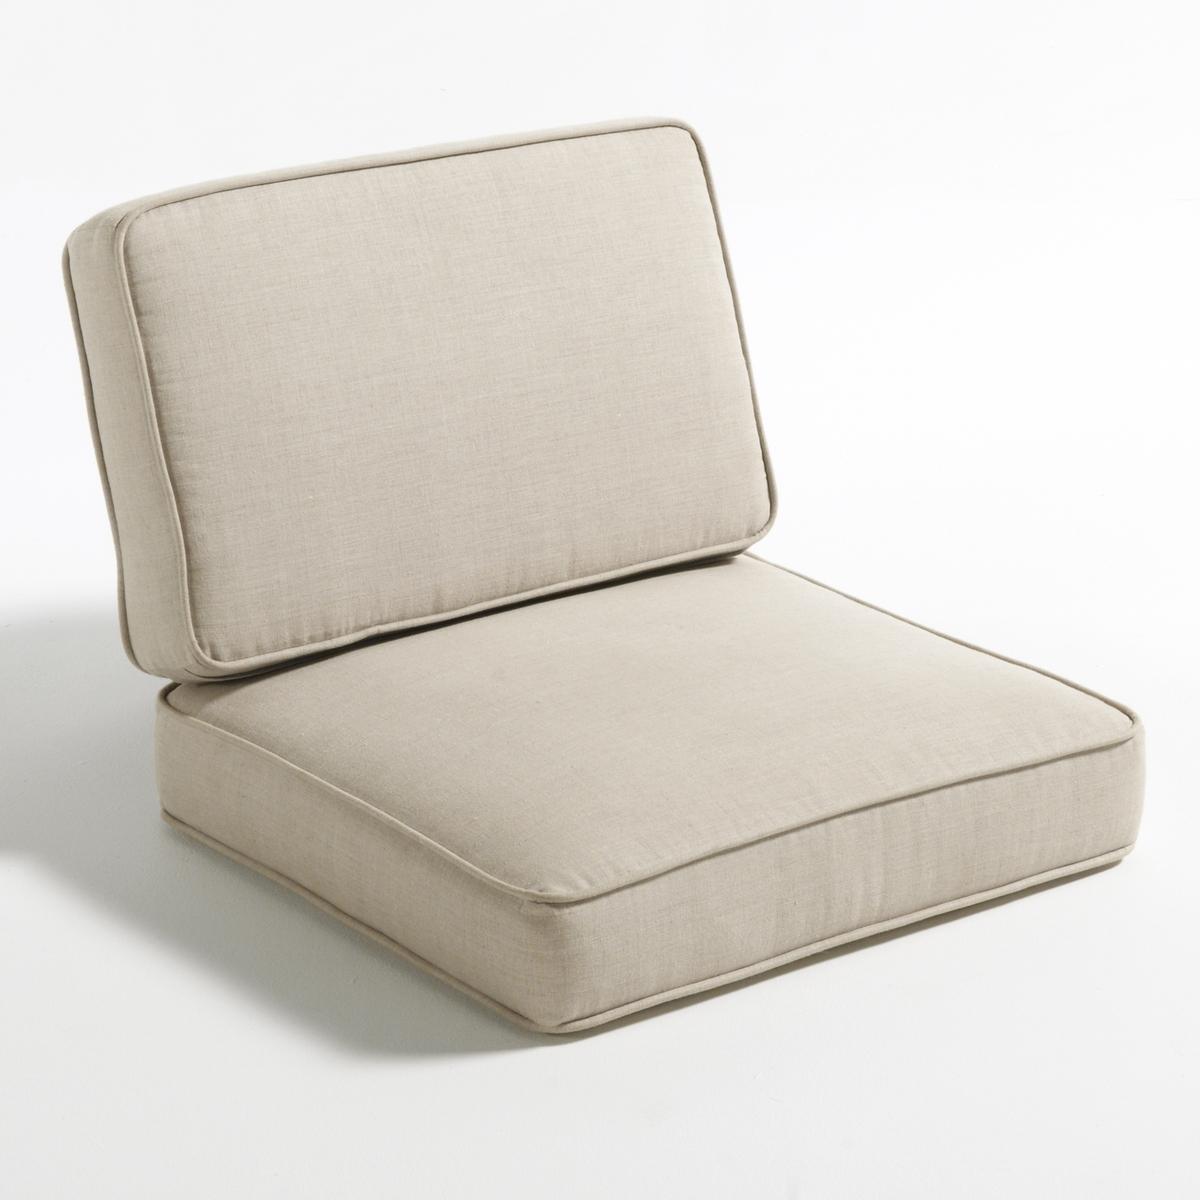 Подушка из льняного полотна для кресла DilmaМатериал : - Чехол: 100% лен- Наполнитель : полиэфирный пеноматериал 40 кг/м?, покрытие из волокон полиэстера. - Система креплений.- Чехлы подушек съемные Размеры :- Подушка для сиденья : Ш60 x В15 x Г58 см- Подушка под спину :  Ш58 x В10 x Г38 см<br><br>Цвет: экрю